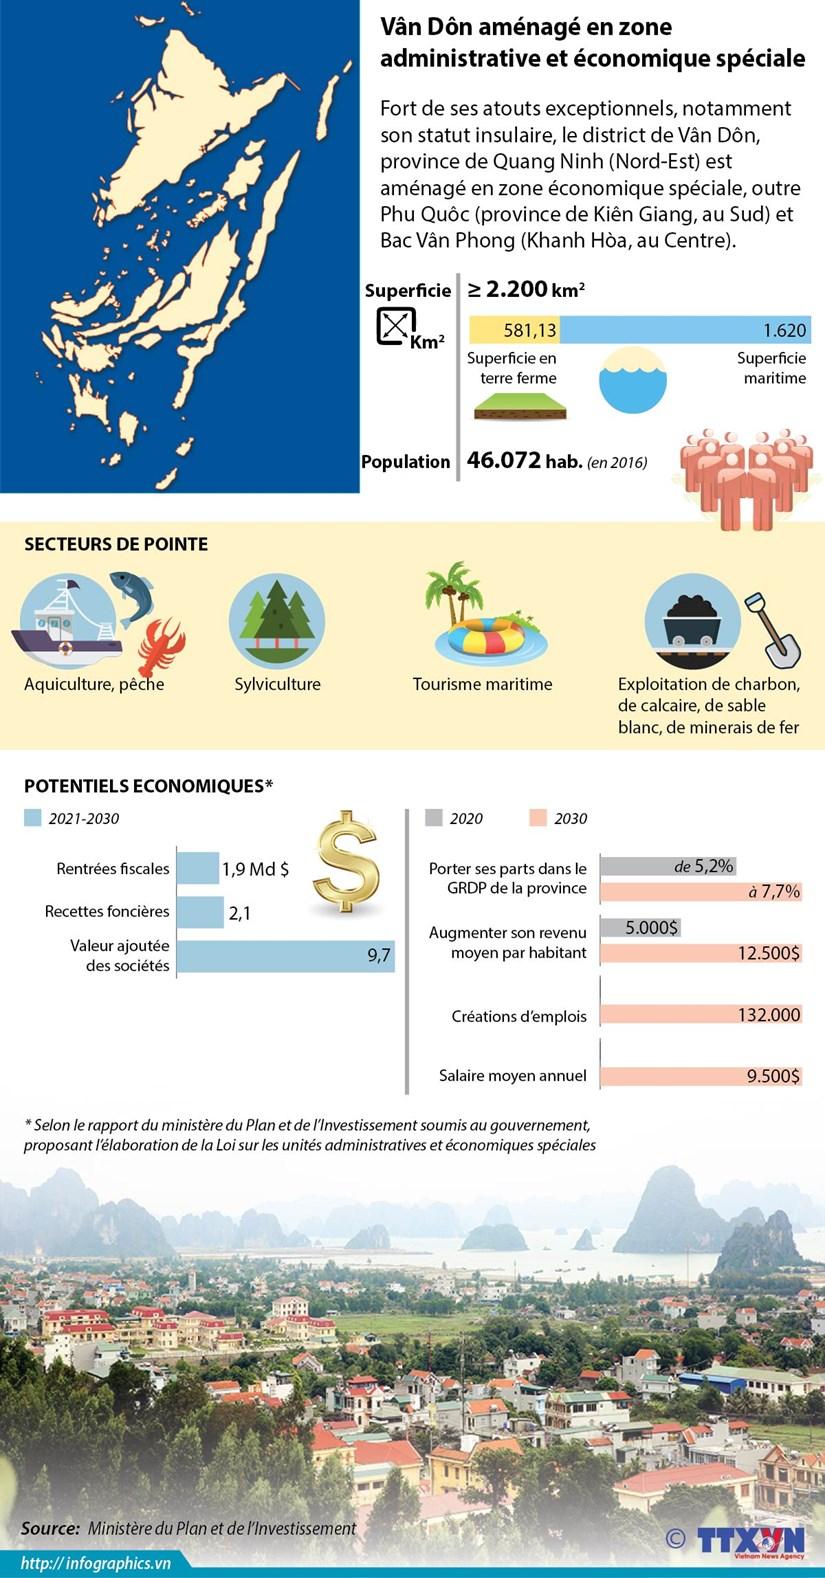 [Infographie] Van Don amenage en zone administrative et economique speciale hinh anh 1